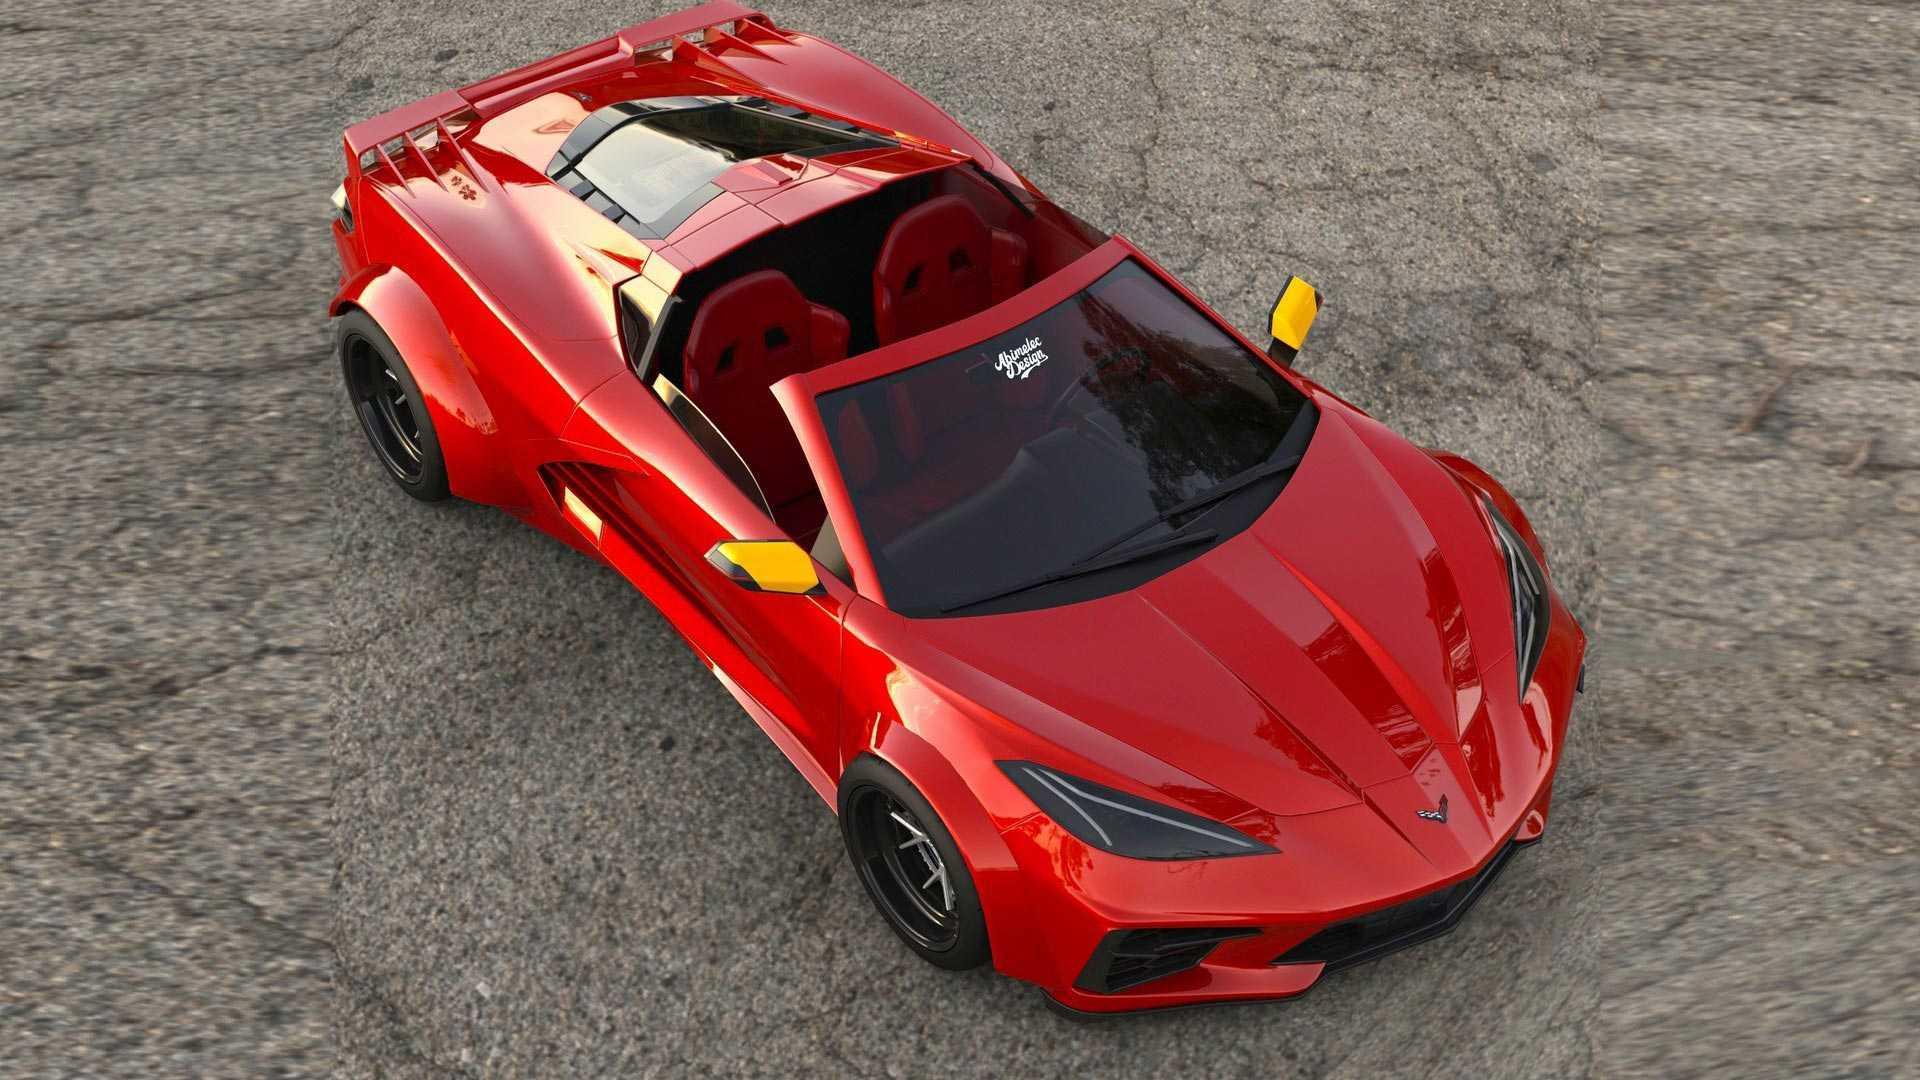 2020 Corvette C8 Widebody Imagined With Ferrari Testarossa Cues